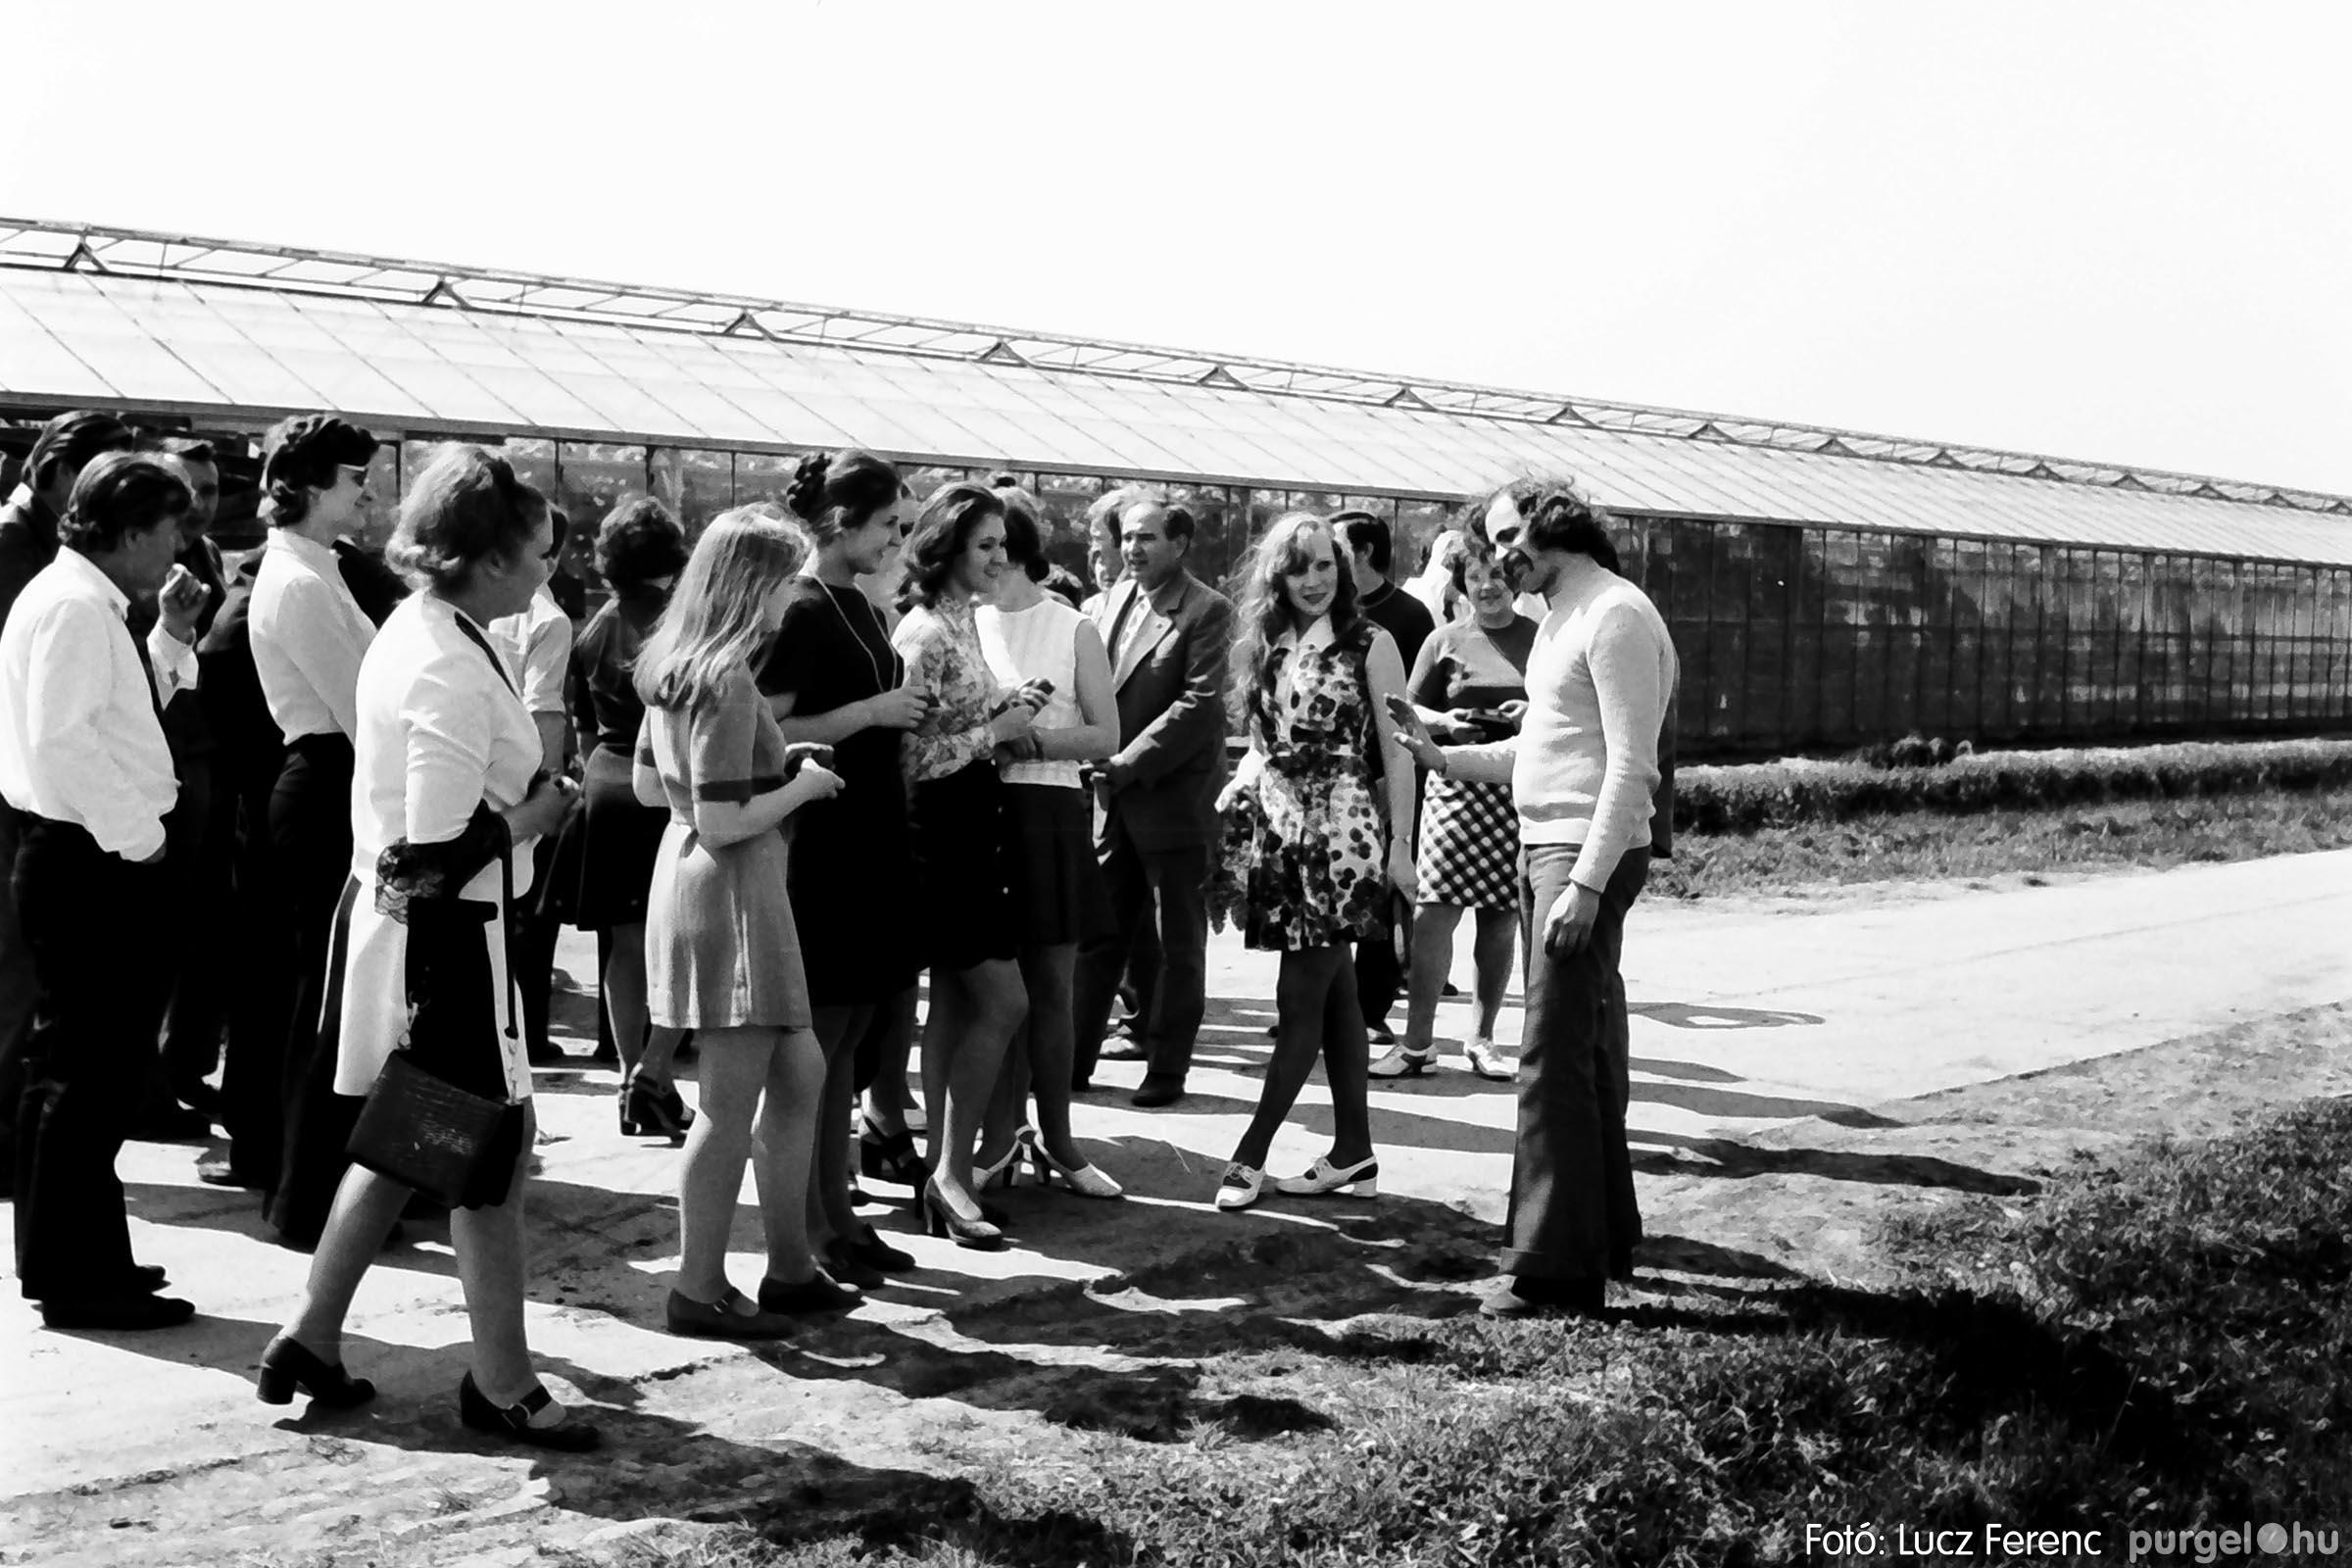 013 1975.04. A felszabadulási munkaverseny győztes üzeme 034 - Fotó: Lucz Ferenc IMG00141q.jpg